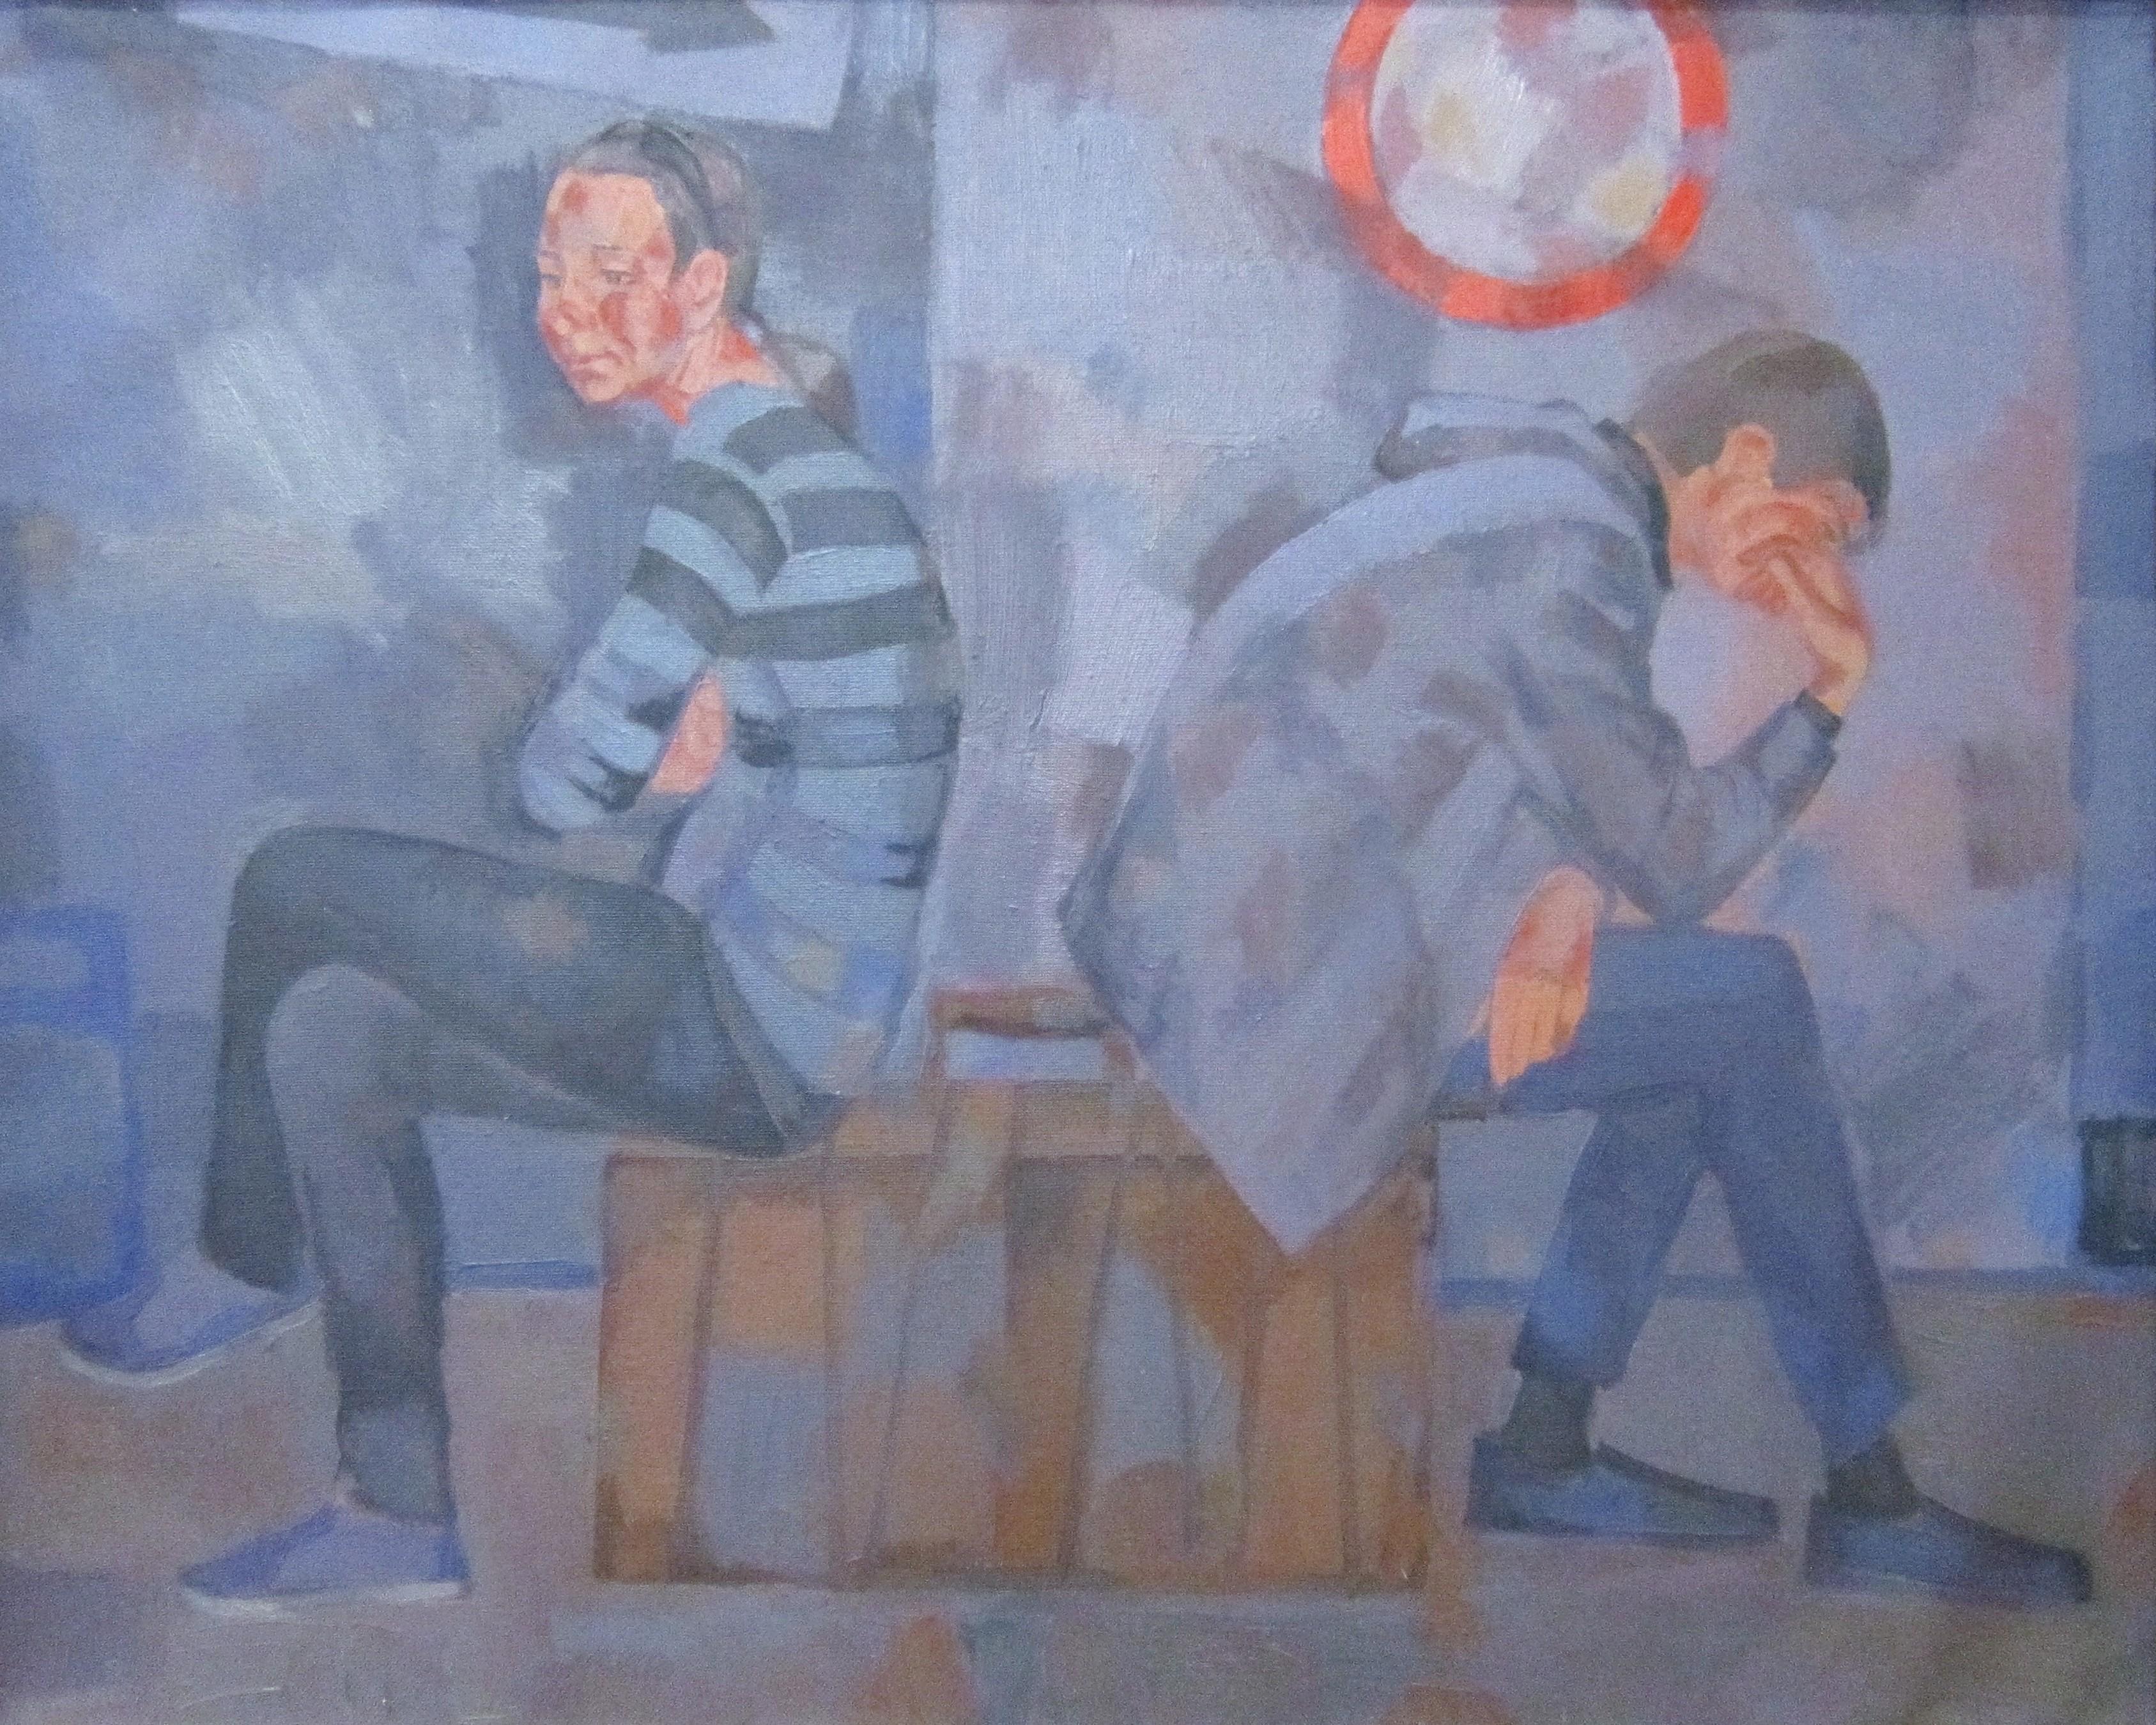 Игорь Викторович Шепель (род. в 1961 году). На перепутье. 2013 год.